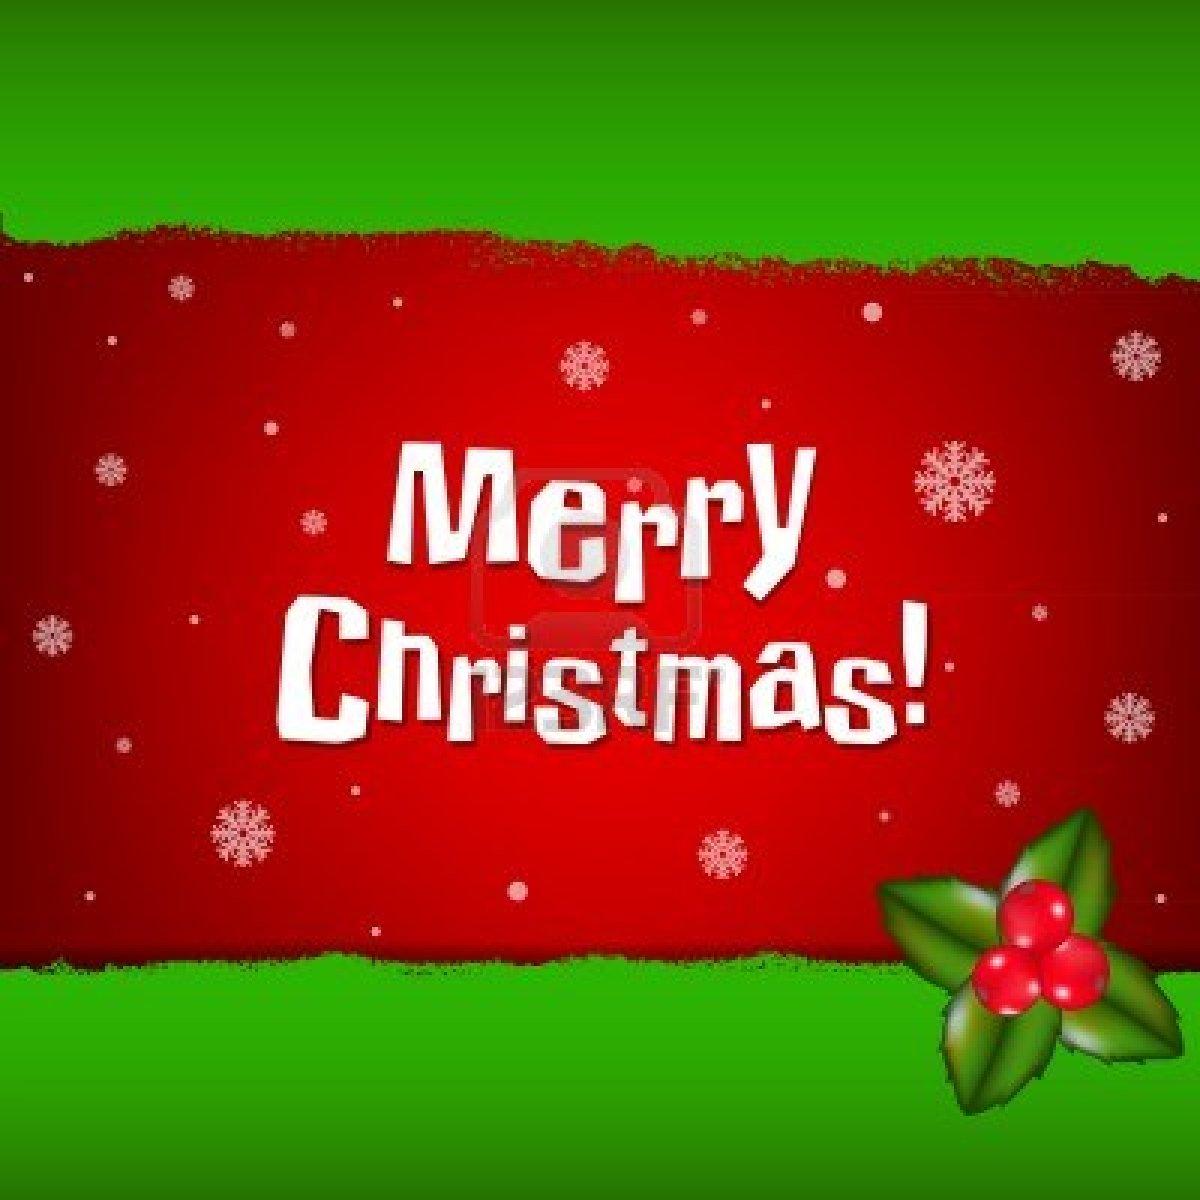 http://3.bp.blogspot.com/-TtdXgKOm_uo/UNiH--ho9nI/AAAAAAAAJU4/57mcmQL6gBo/s1600/Merry+Cristmas+greeting+(4).jpg